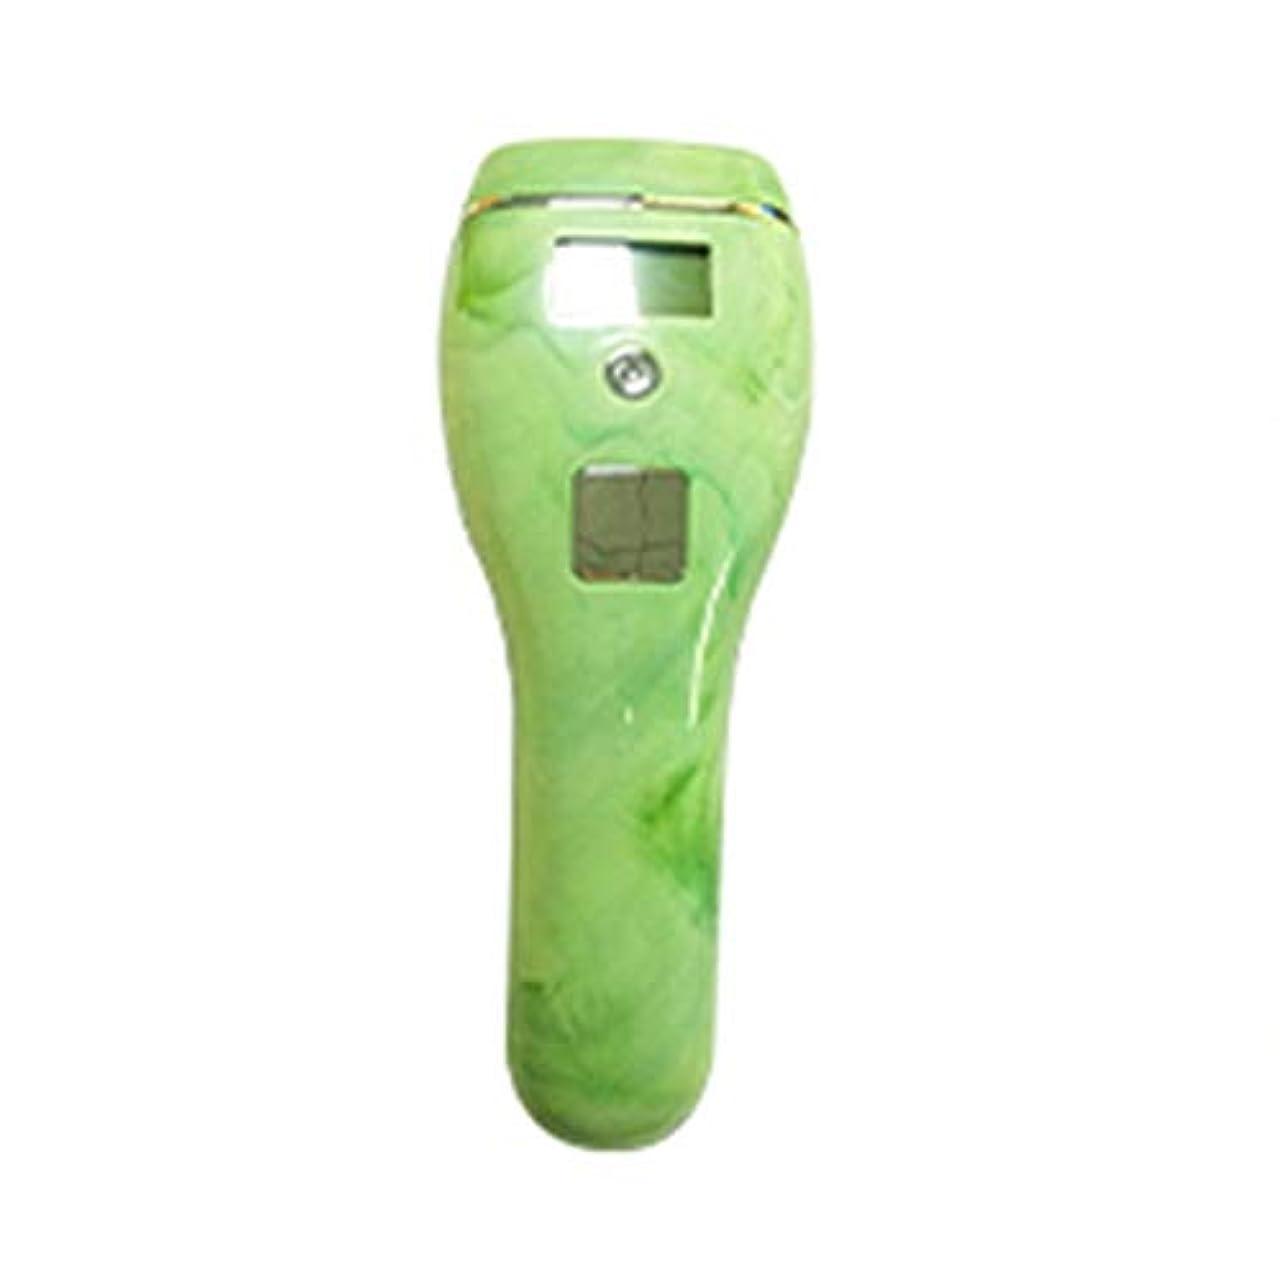 斧アテンダント縫い目自動肌のカラーセンシング、グリーン、5速調整、クォーツチューブ、携帯用痛みのない全身凍結乾燥用除湿器、サイズ19x7x5cm 髪以外はきれい (Color : Green)